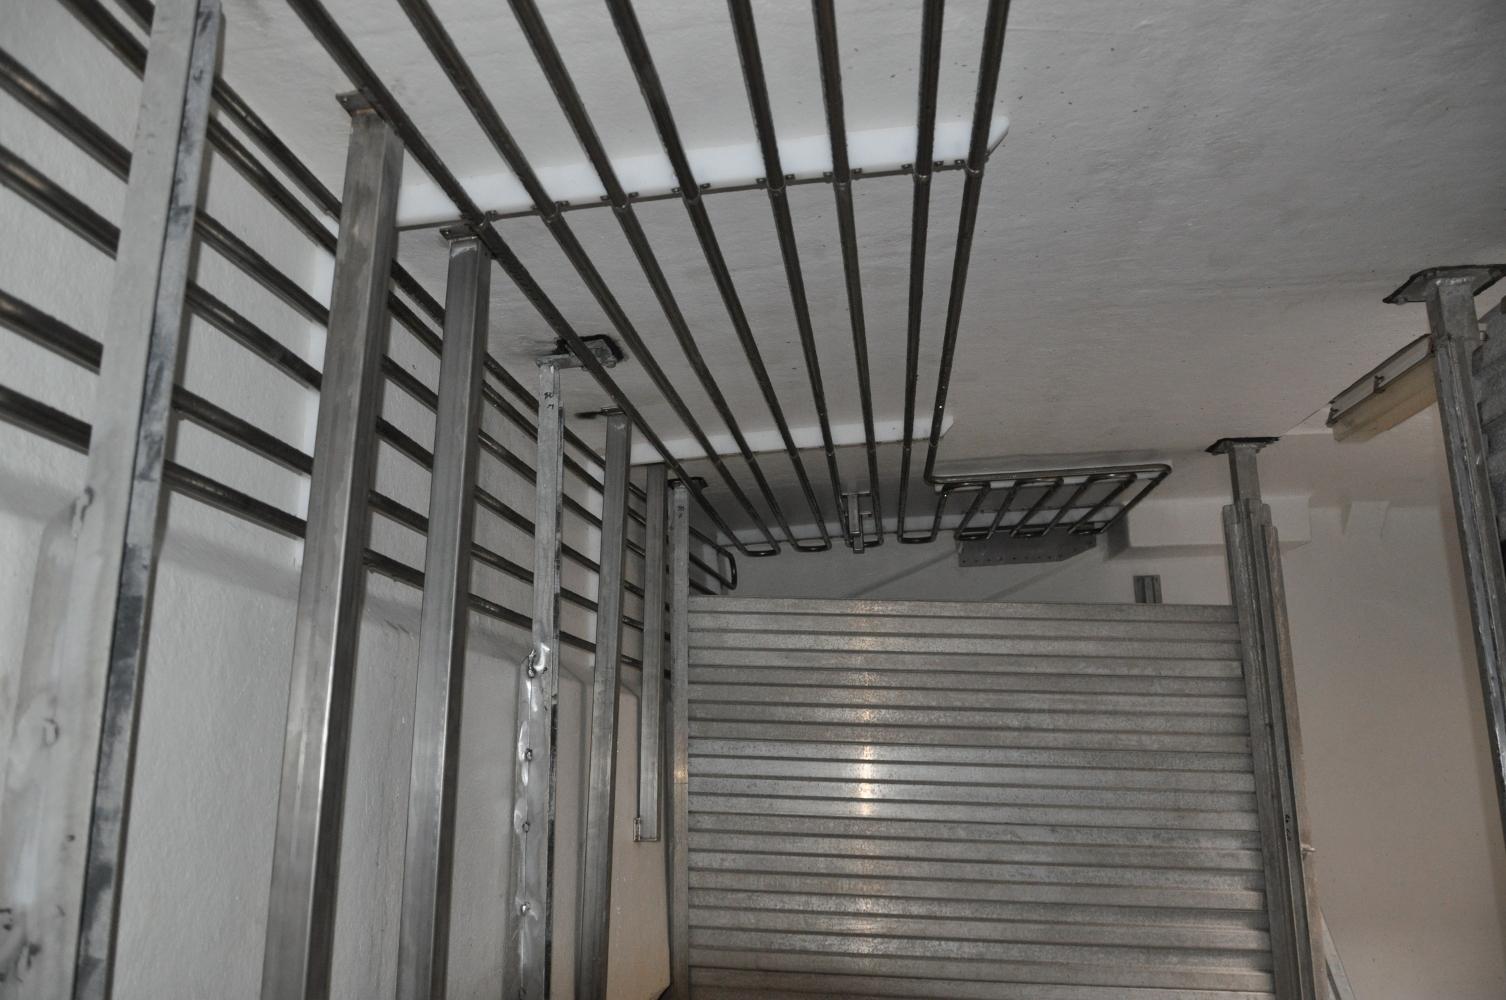 Kølerør i last udført i 316 rustfri rør.